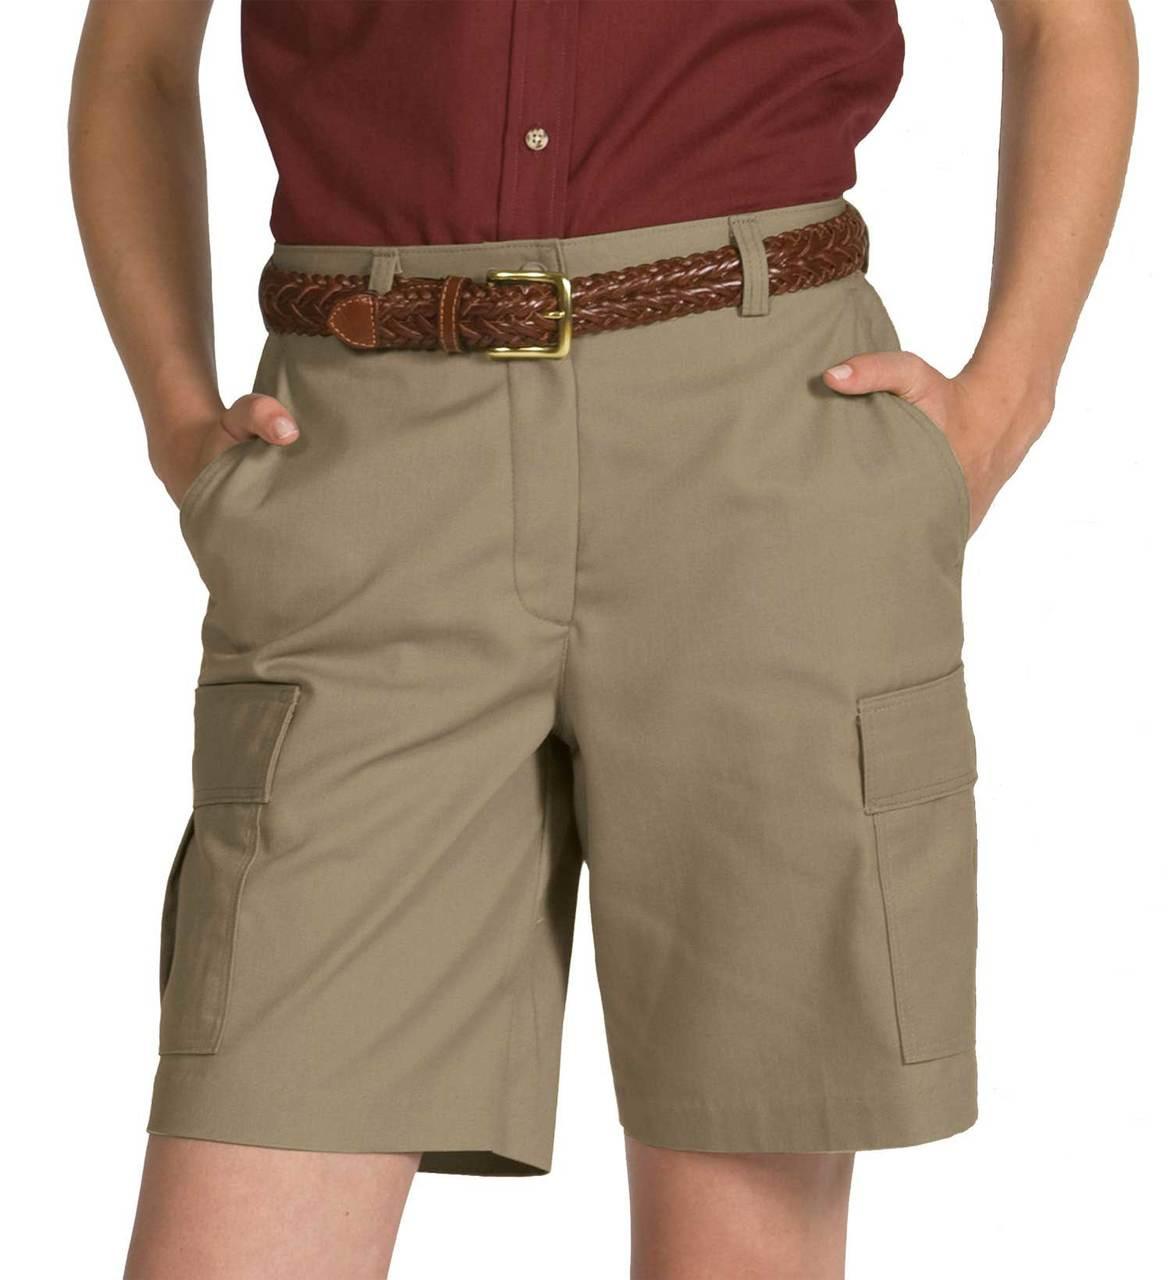 Women's Value Uniform Shorts CLOSEOUT No Returns